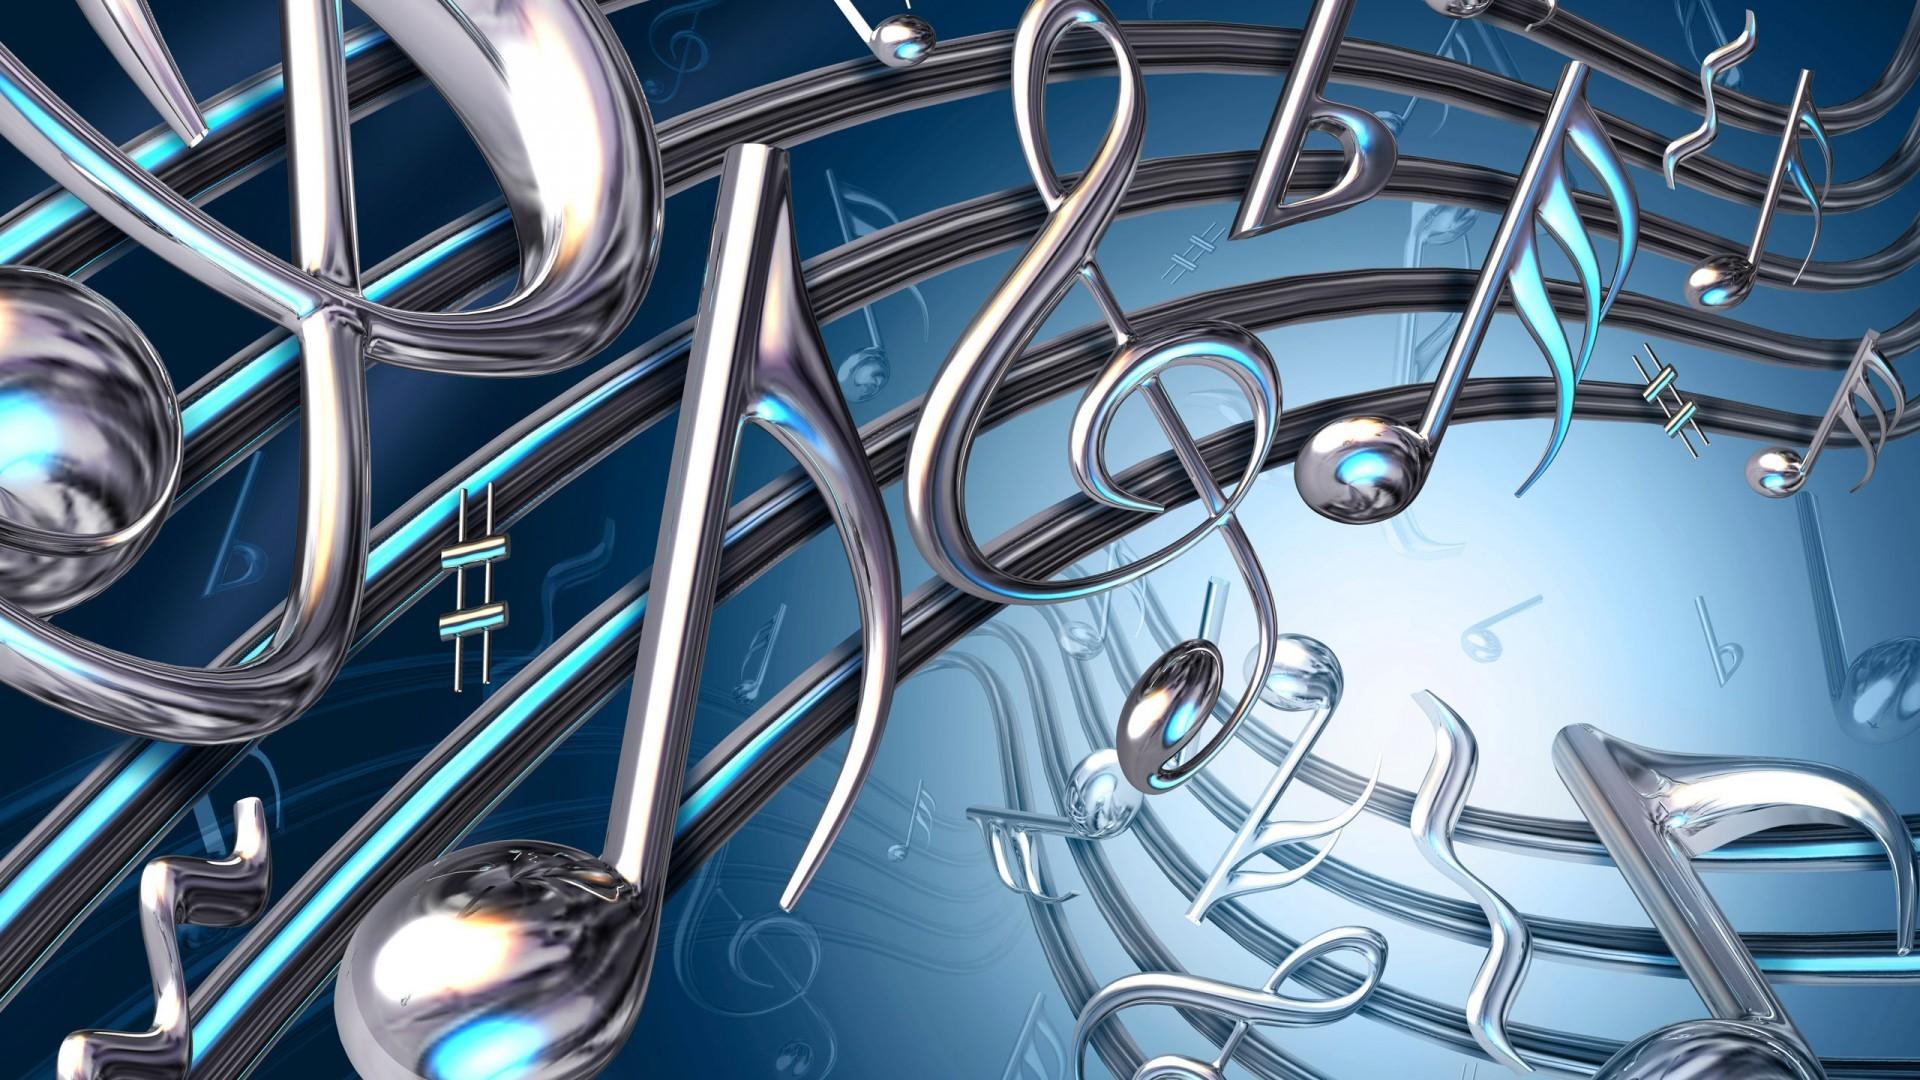 Картинки на тему музыки дизайн, поздравления днем